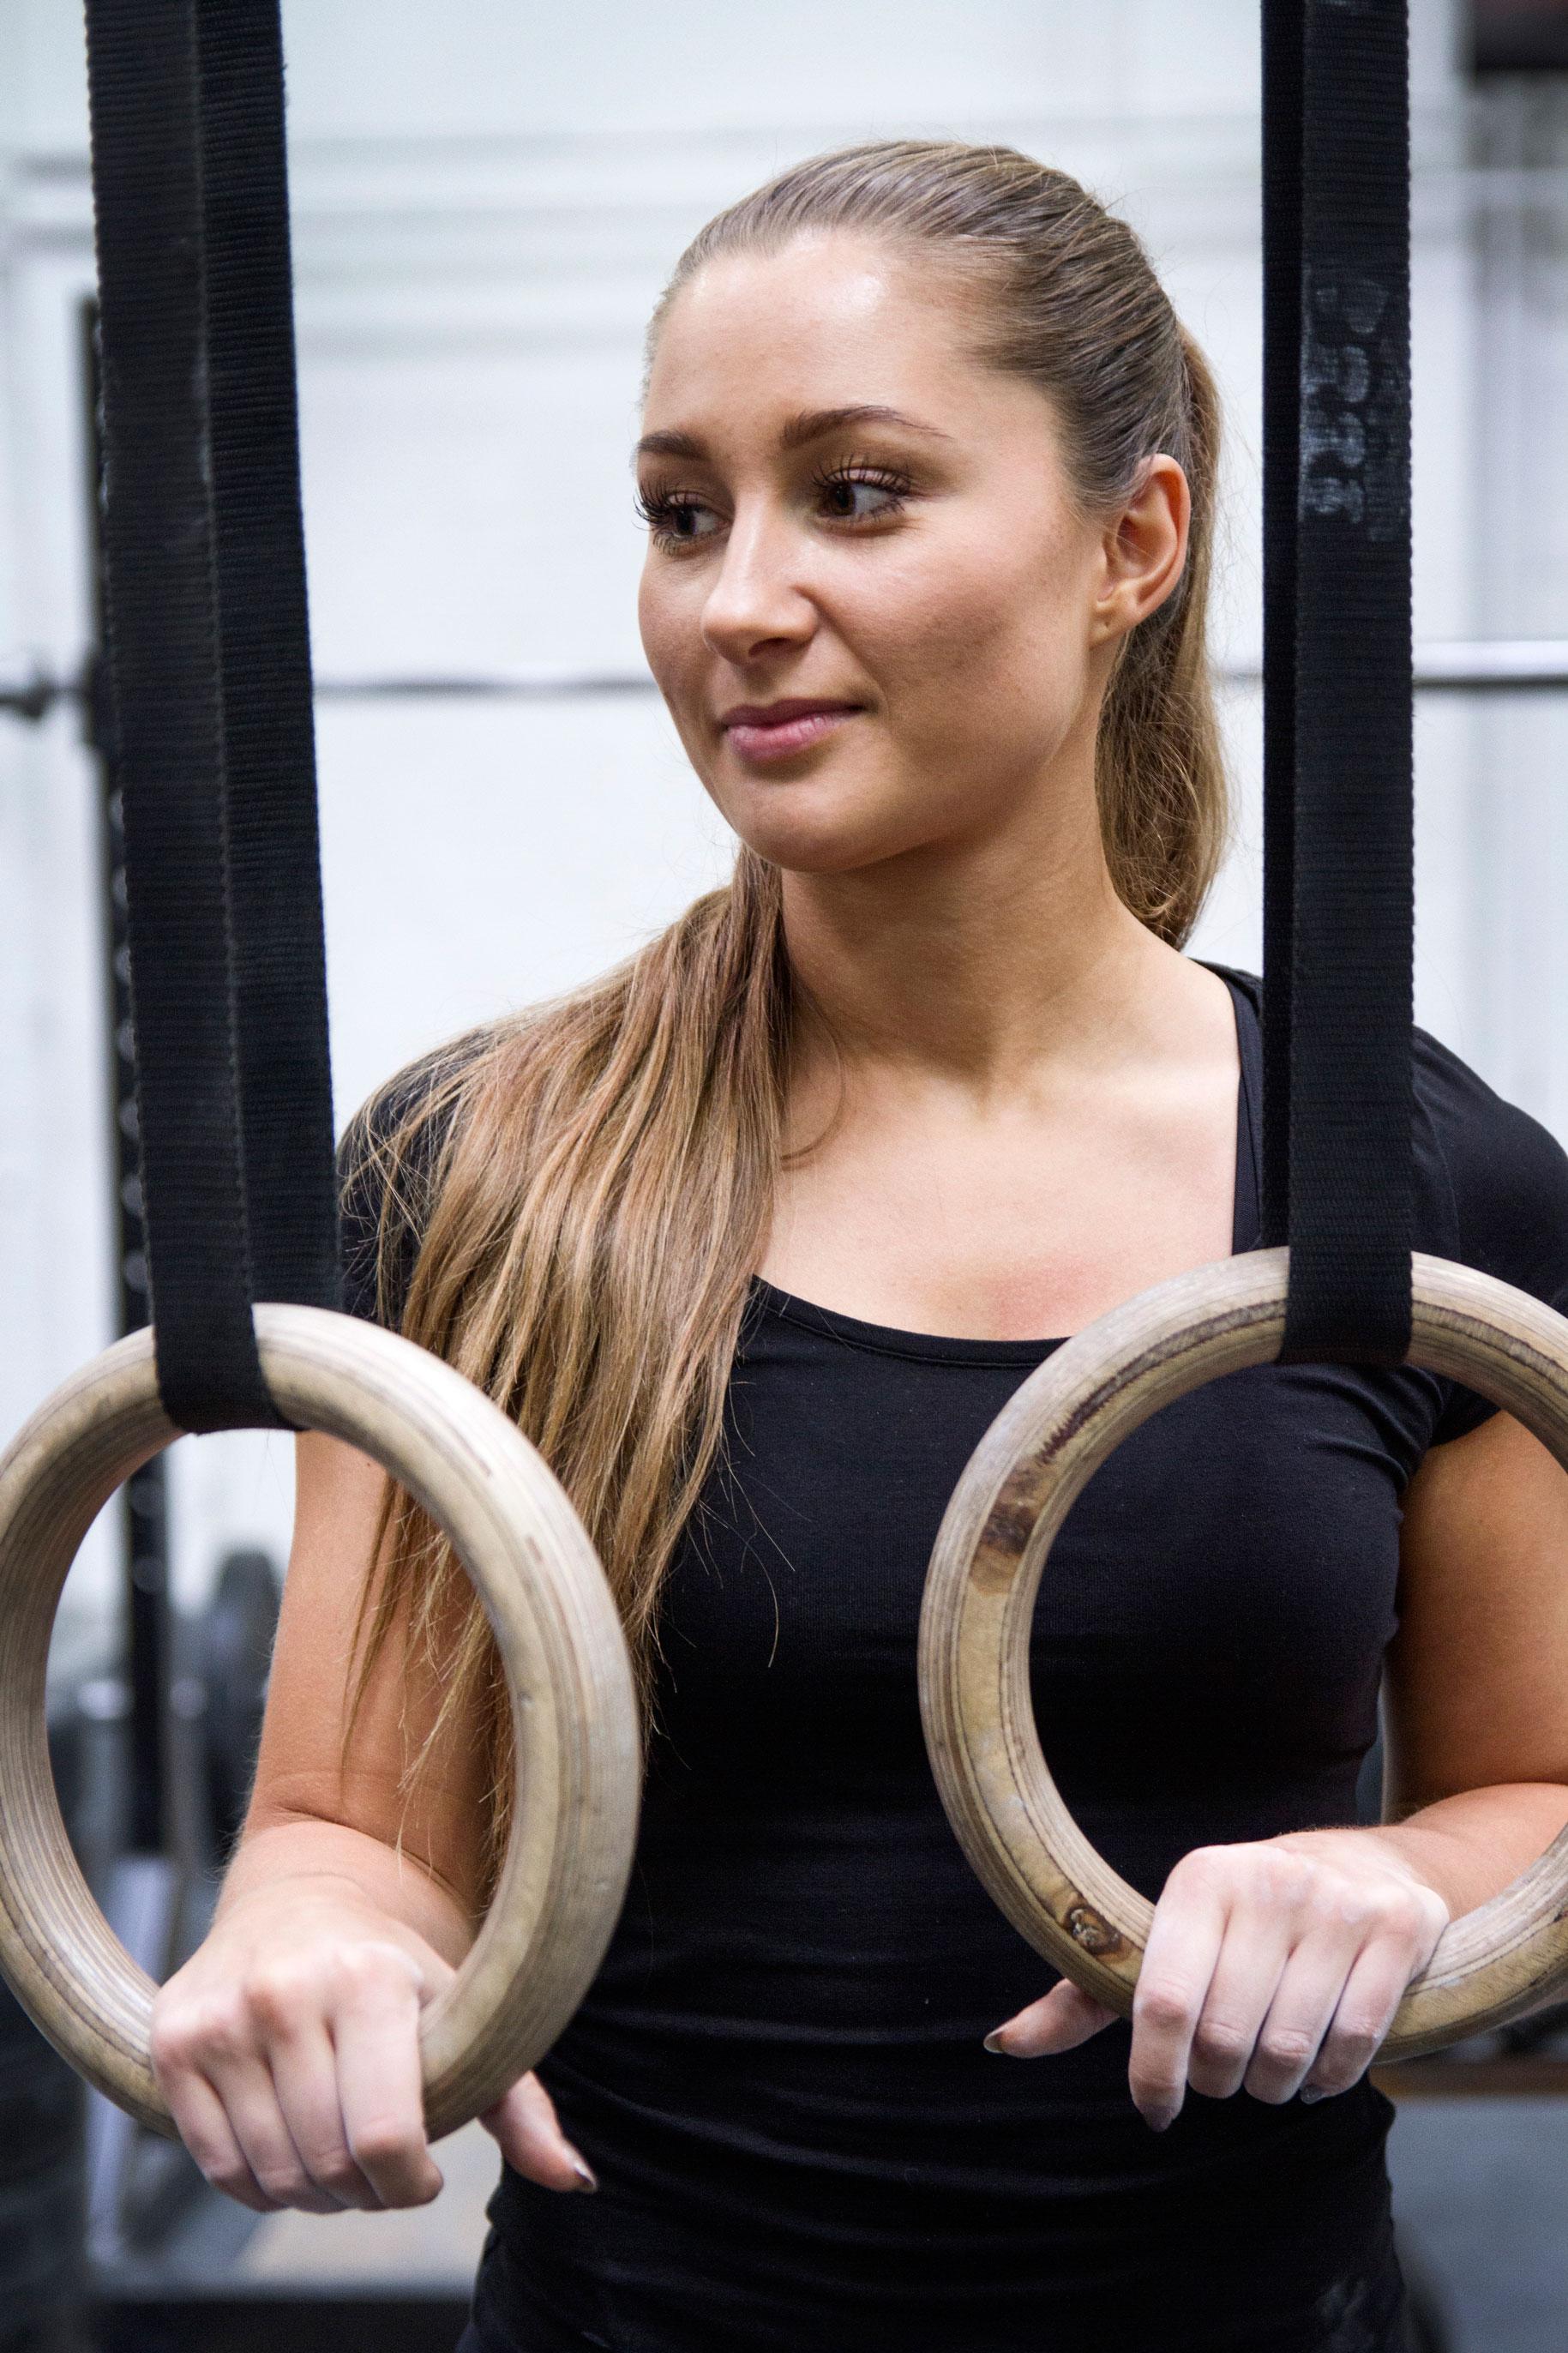 Sarah Posin